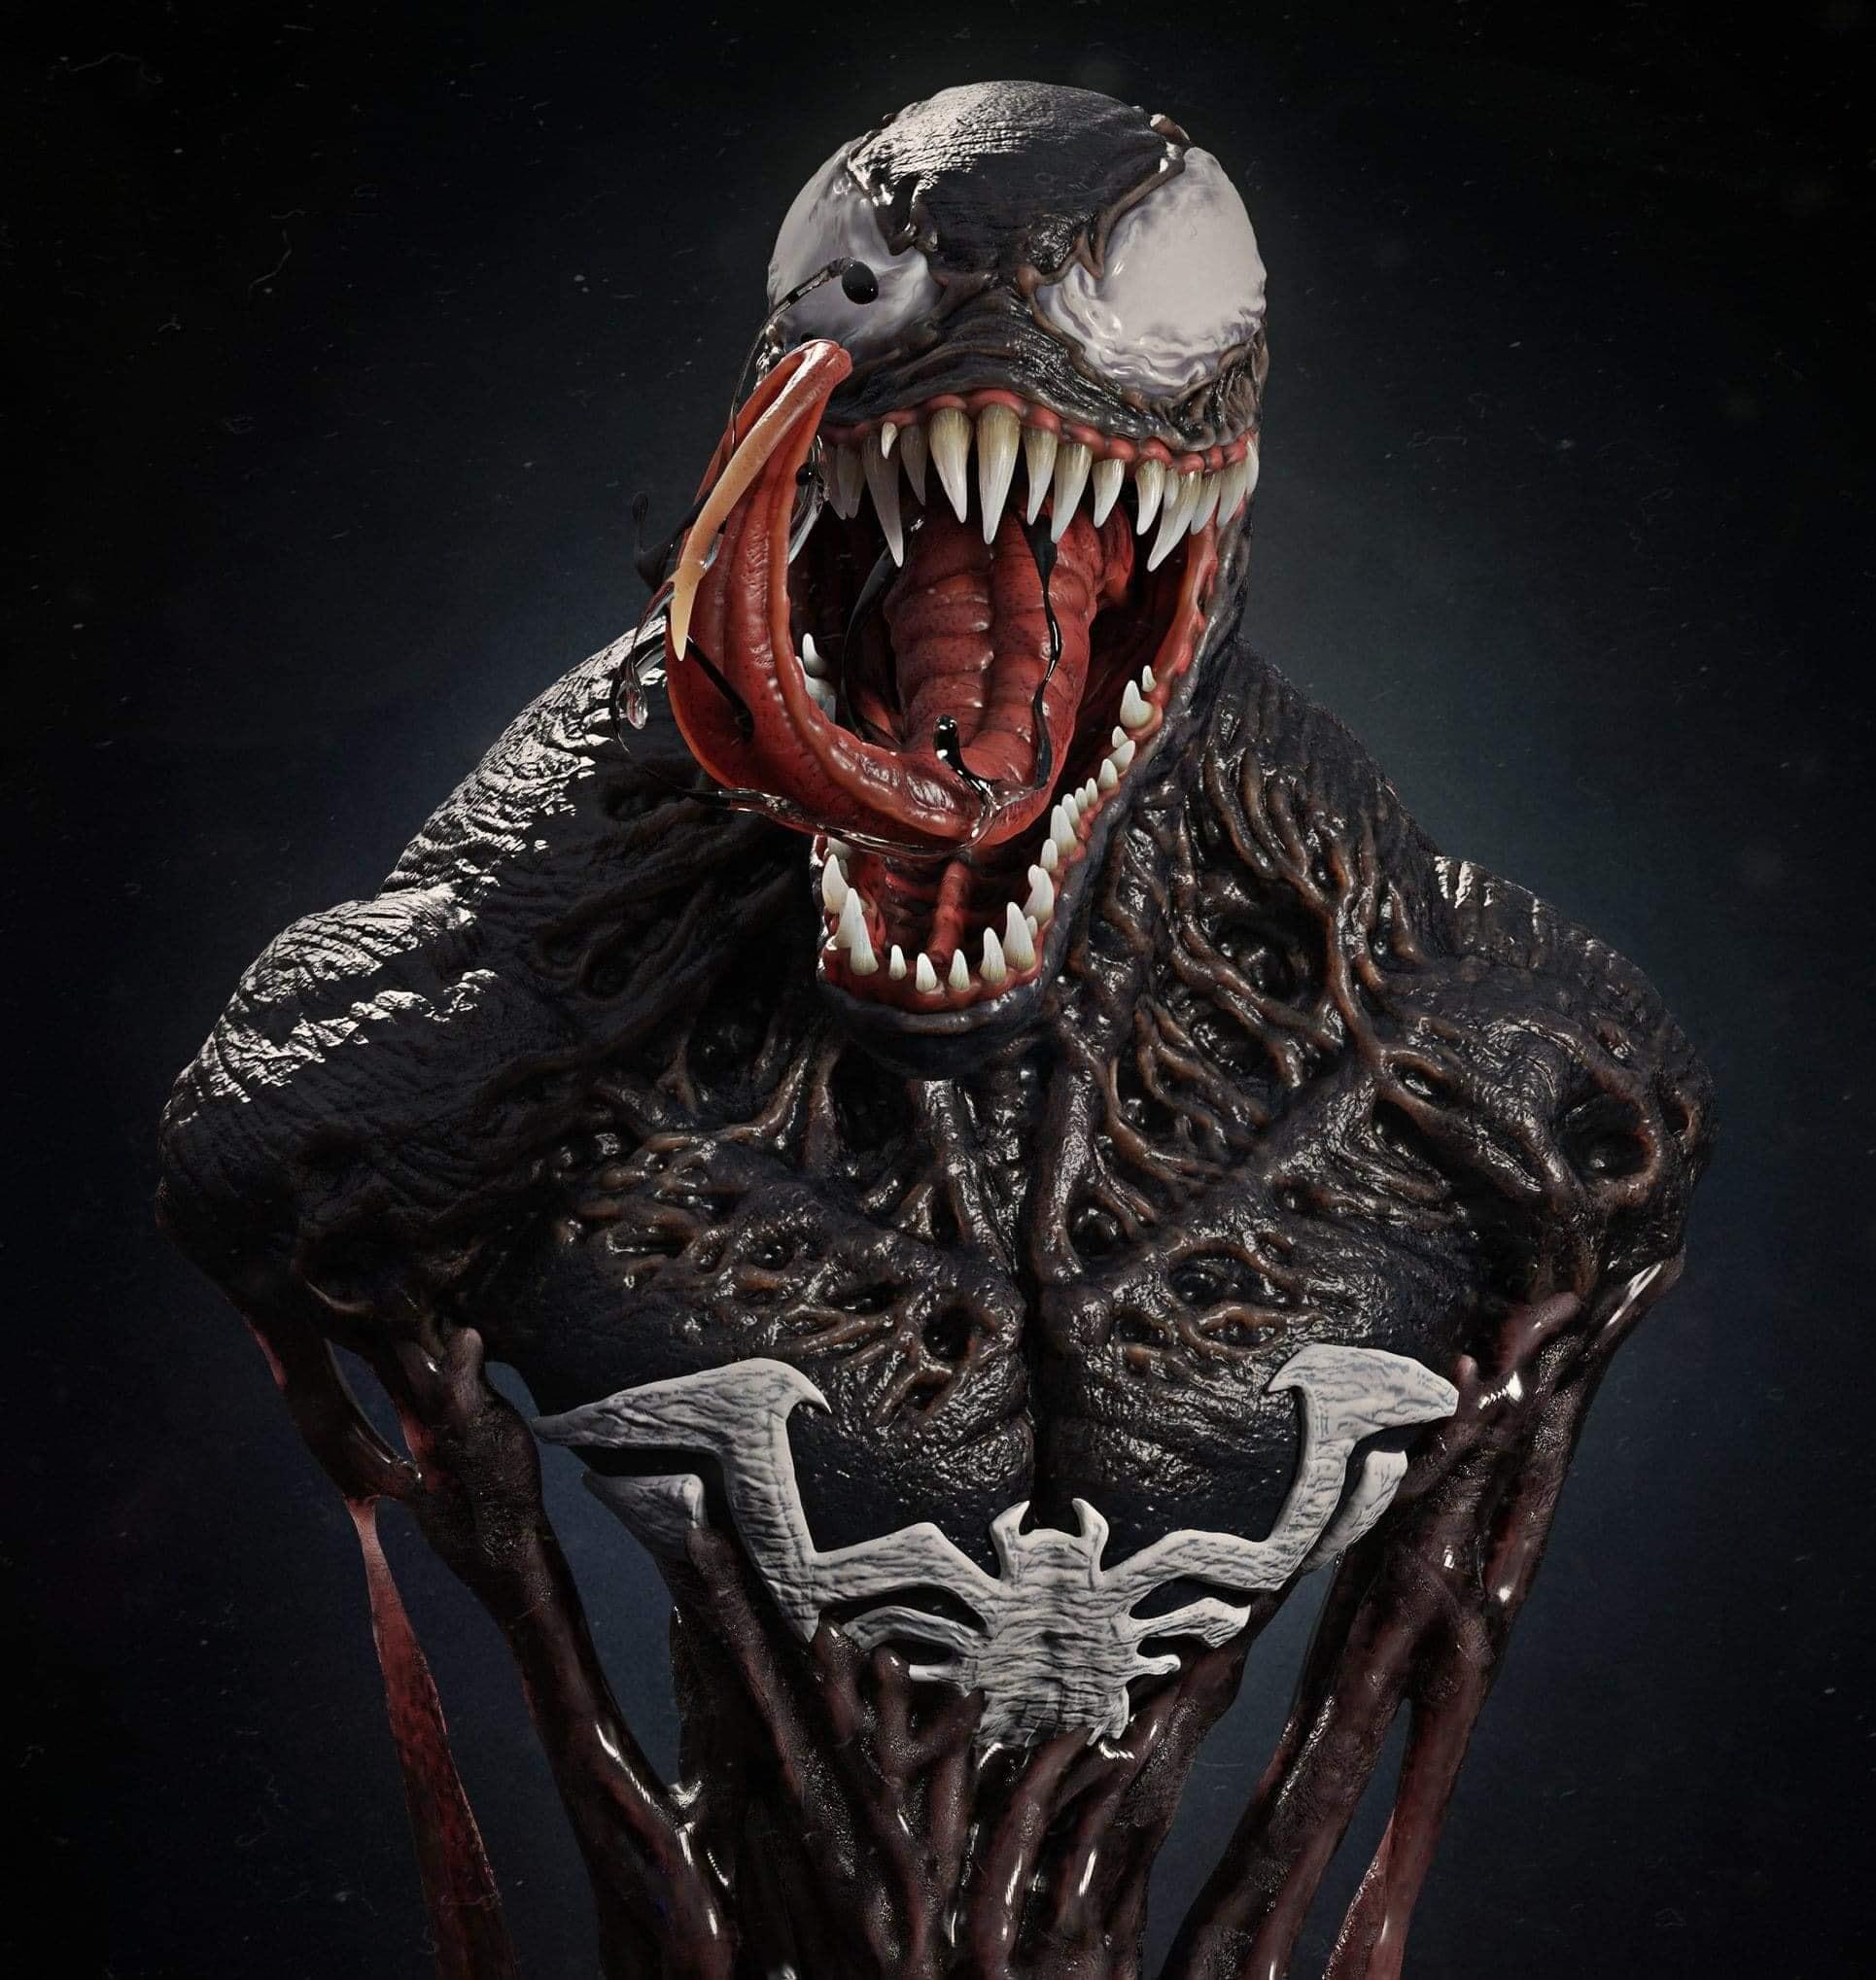 Buste Venom 2